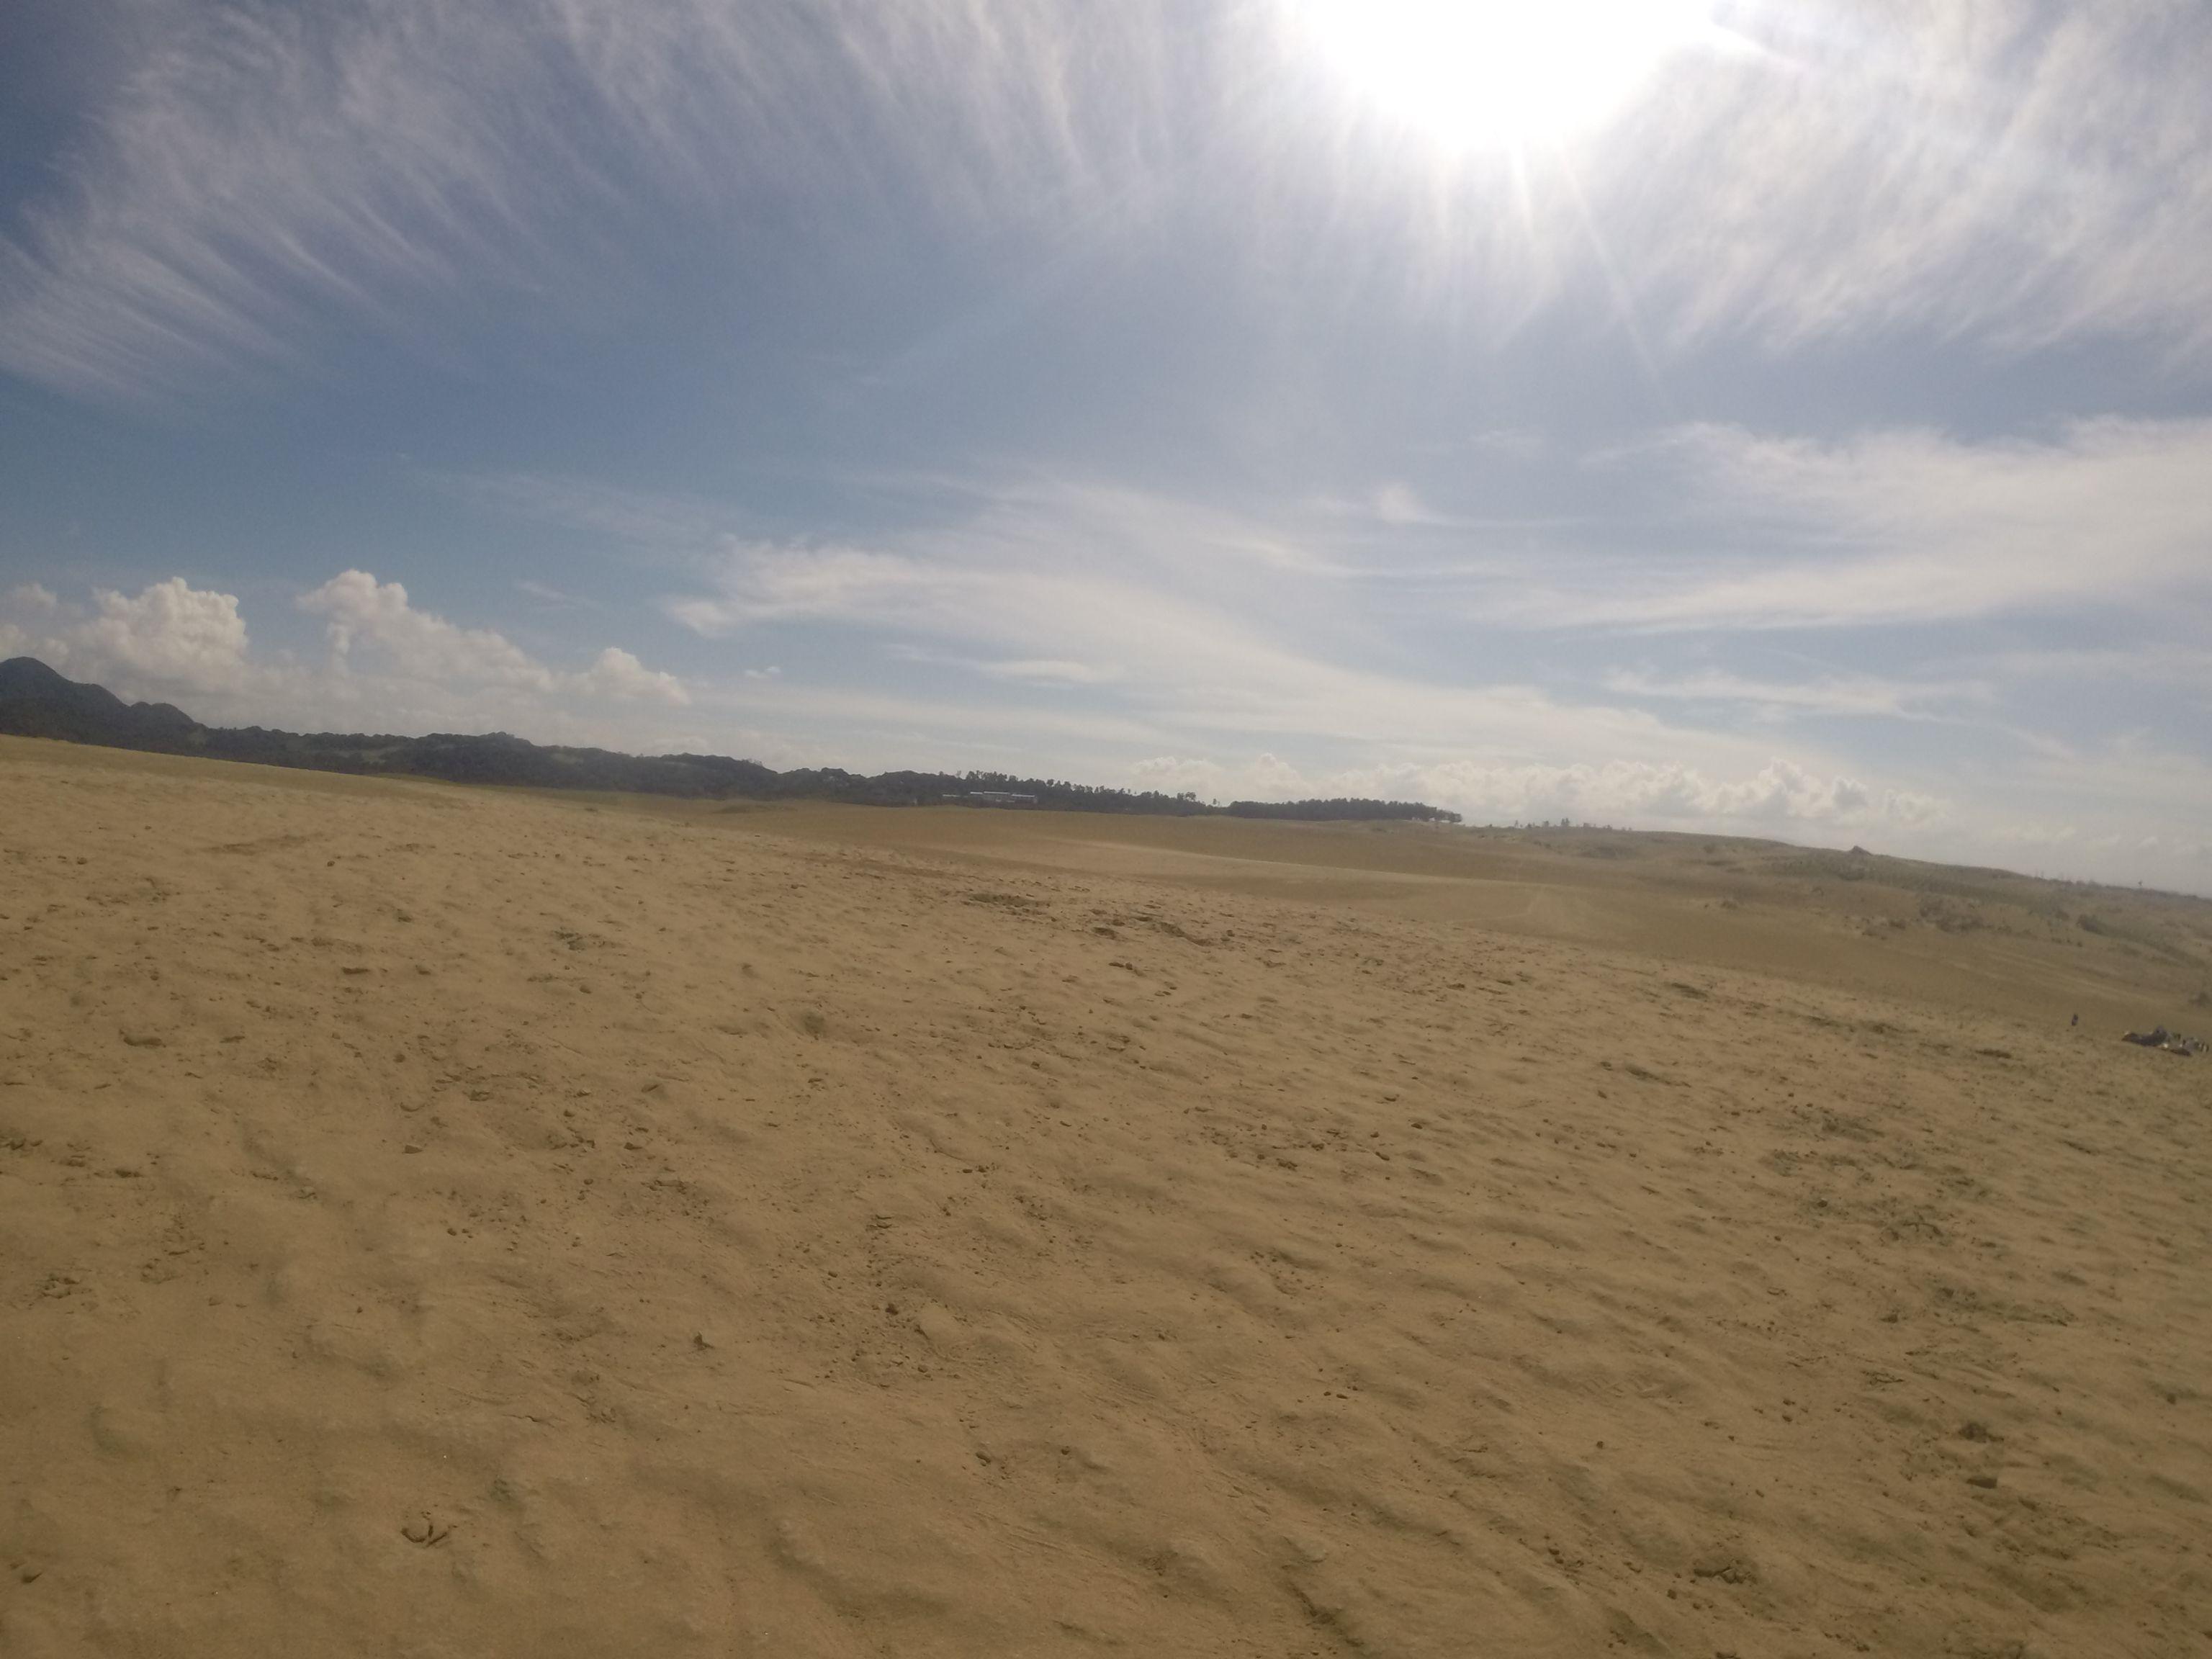 青空が気持ちいい鳥取砂丘